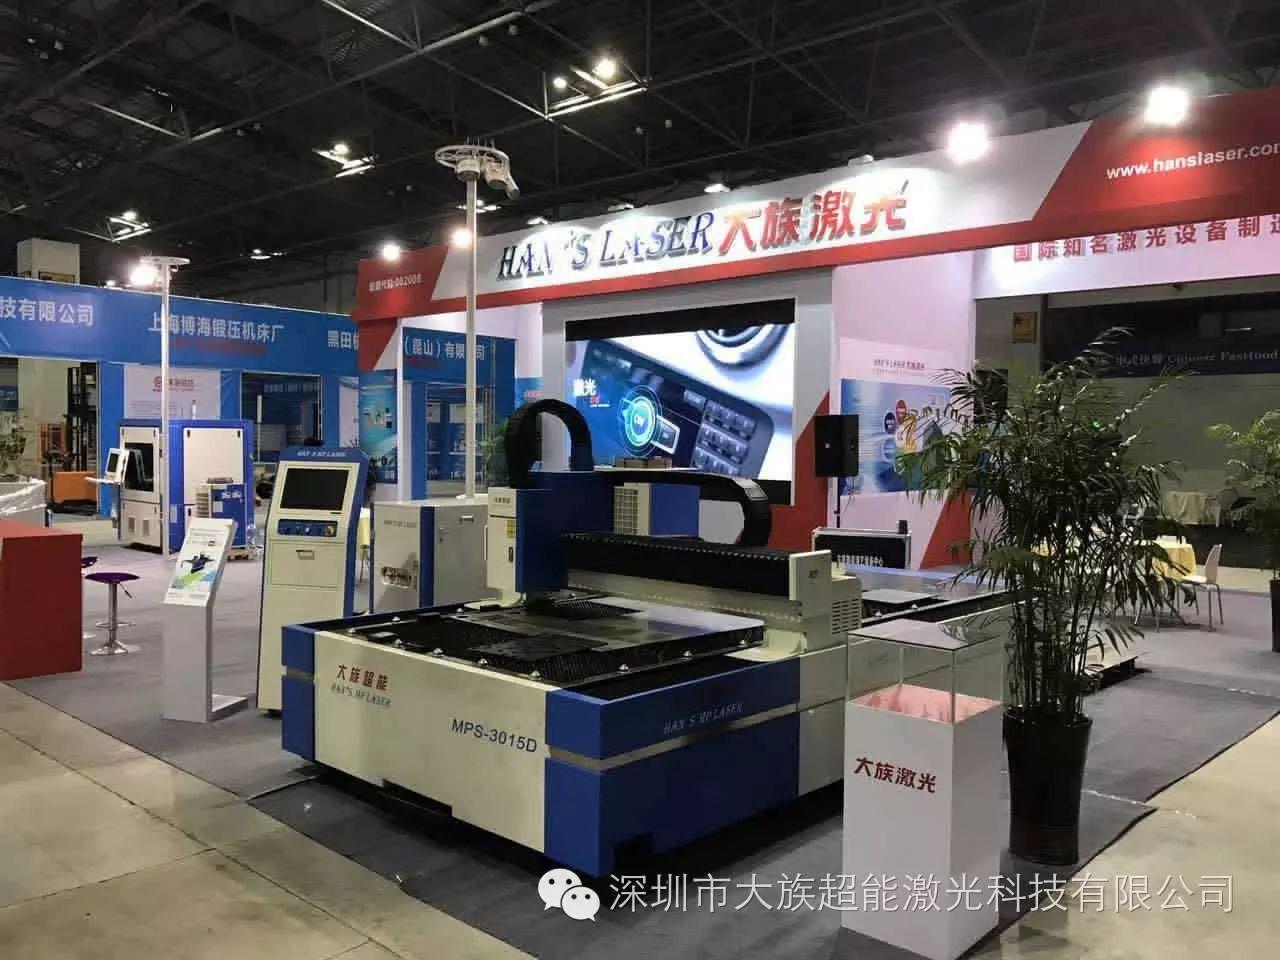 关于中国义乌国际装备博览会的介绍和分析